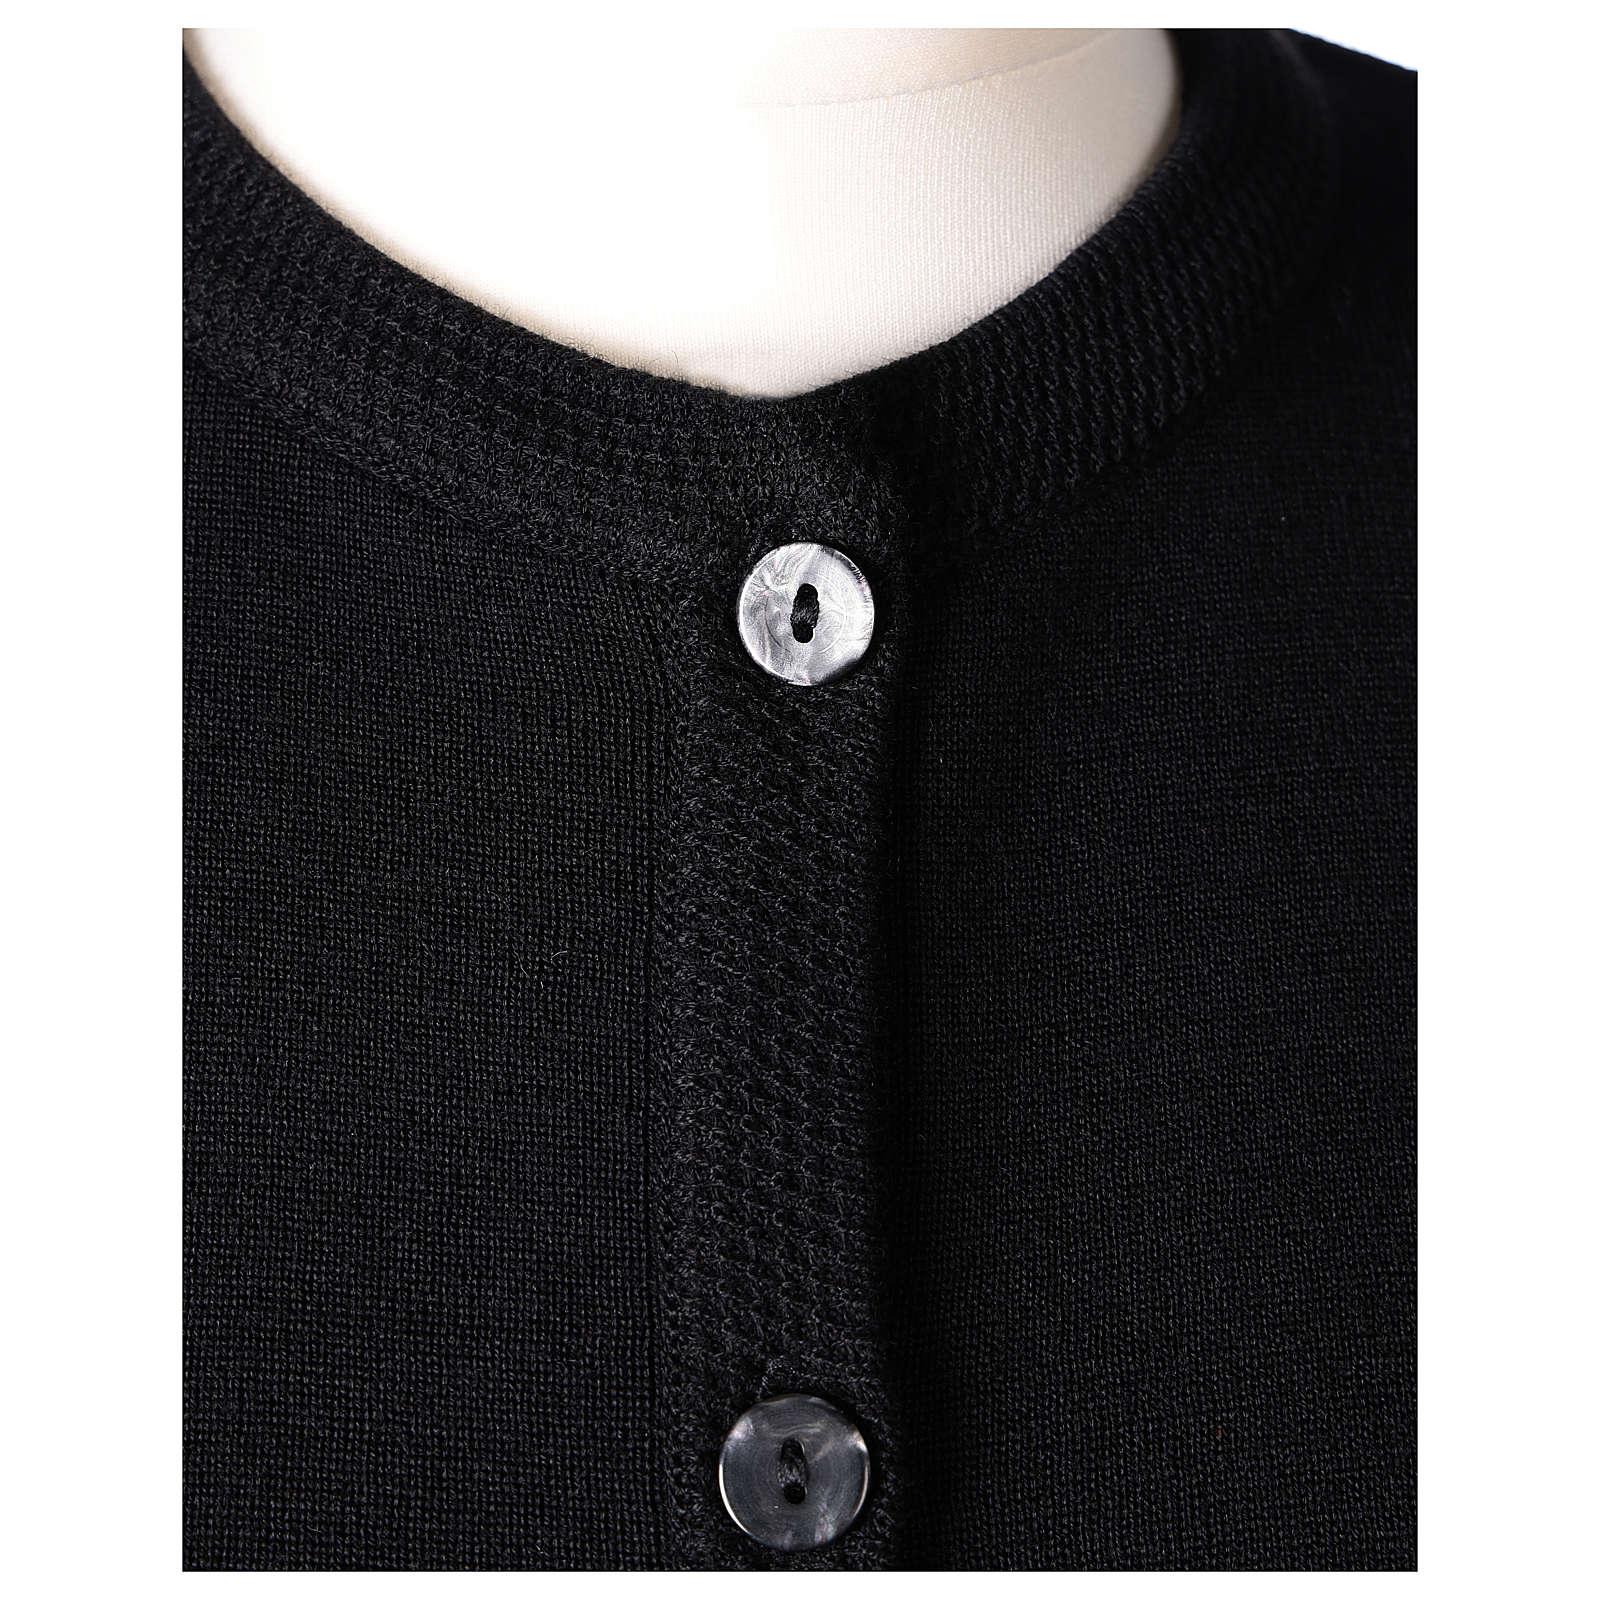 Cardigan suora nero coreana tasche maglia unita 50% acrilico 50% lana merino In Primis 4